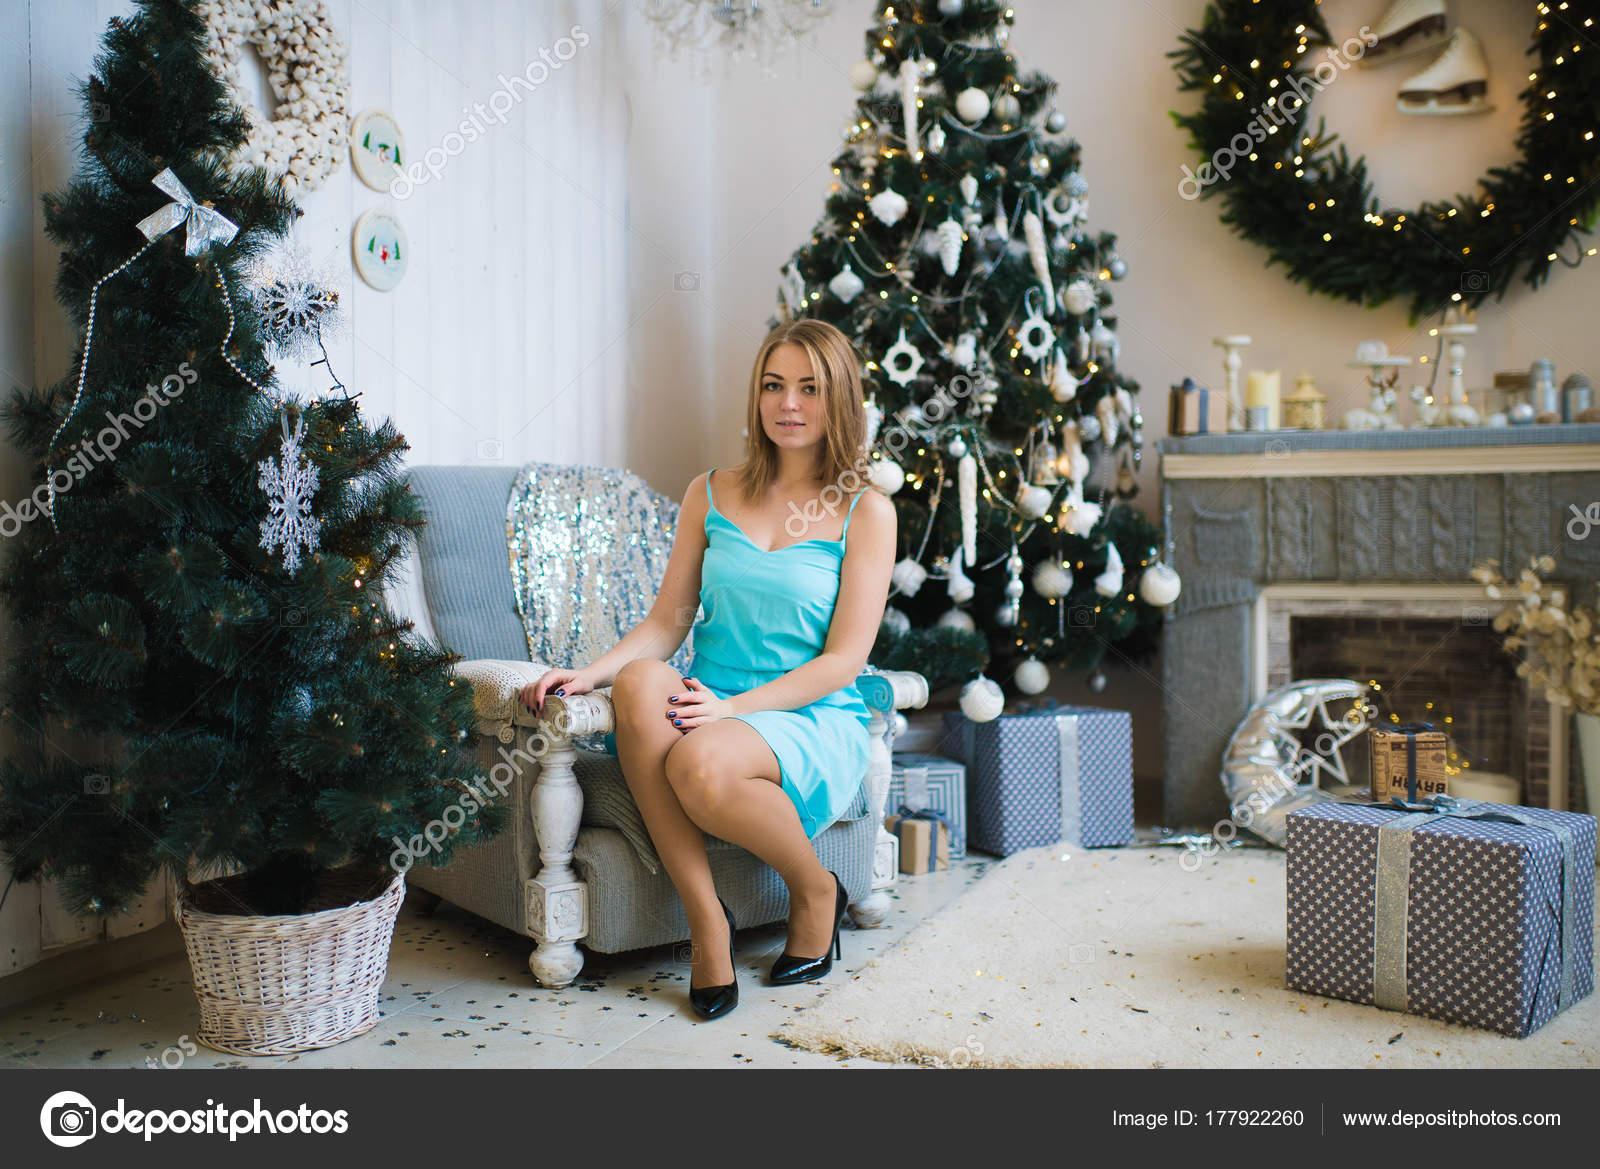 Decorazioni Sala Capodanno : Bella giovane donna una sala decorata festeggiare capodanno natale